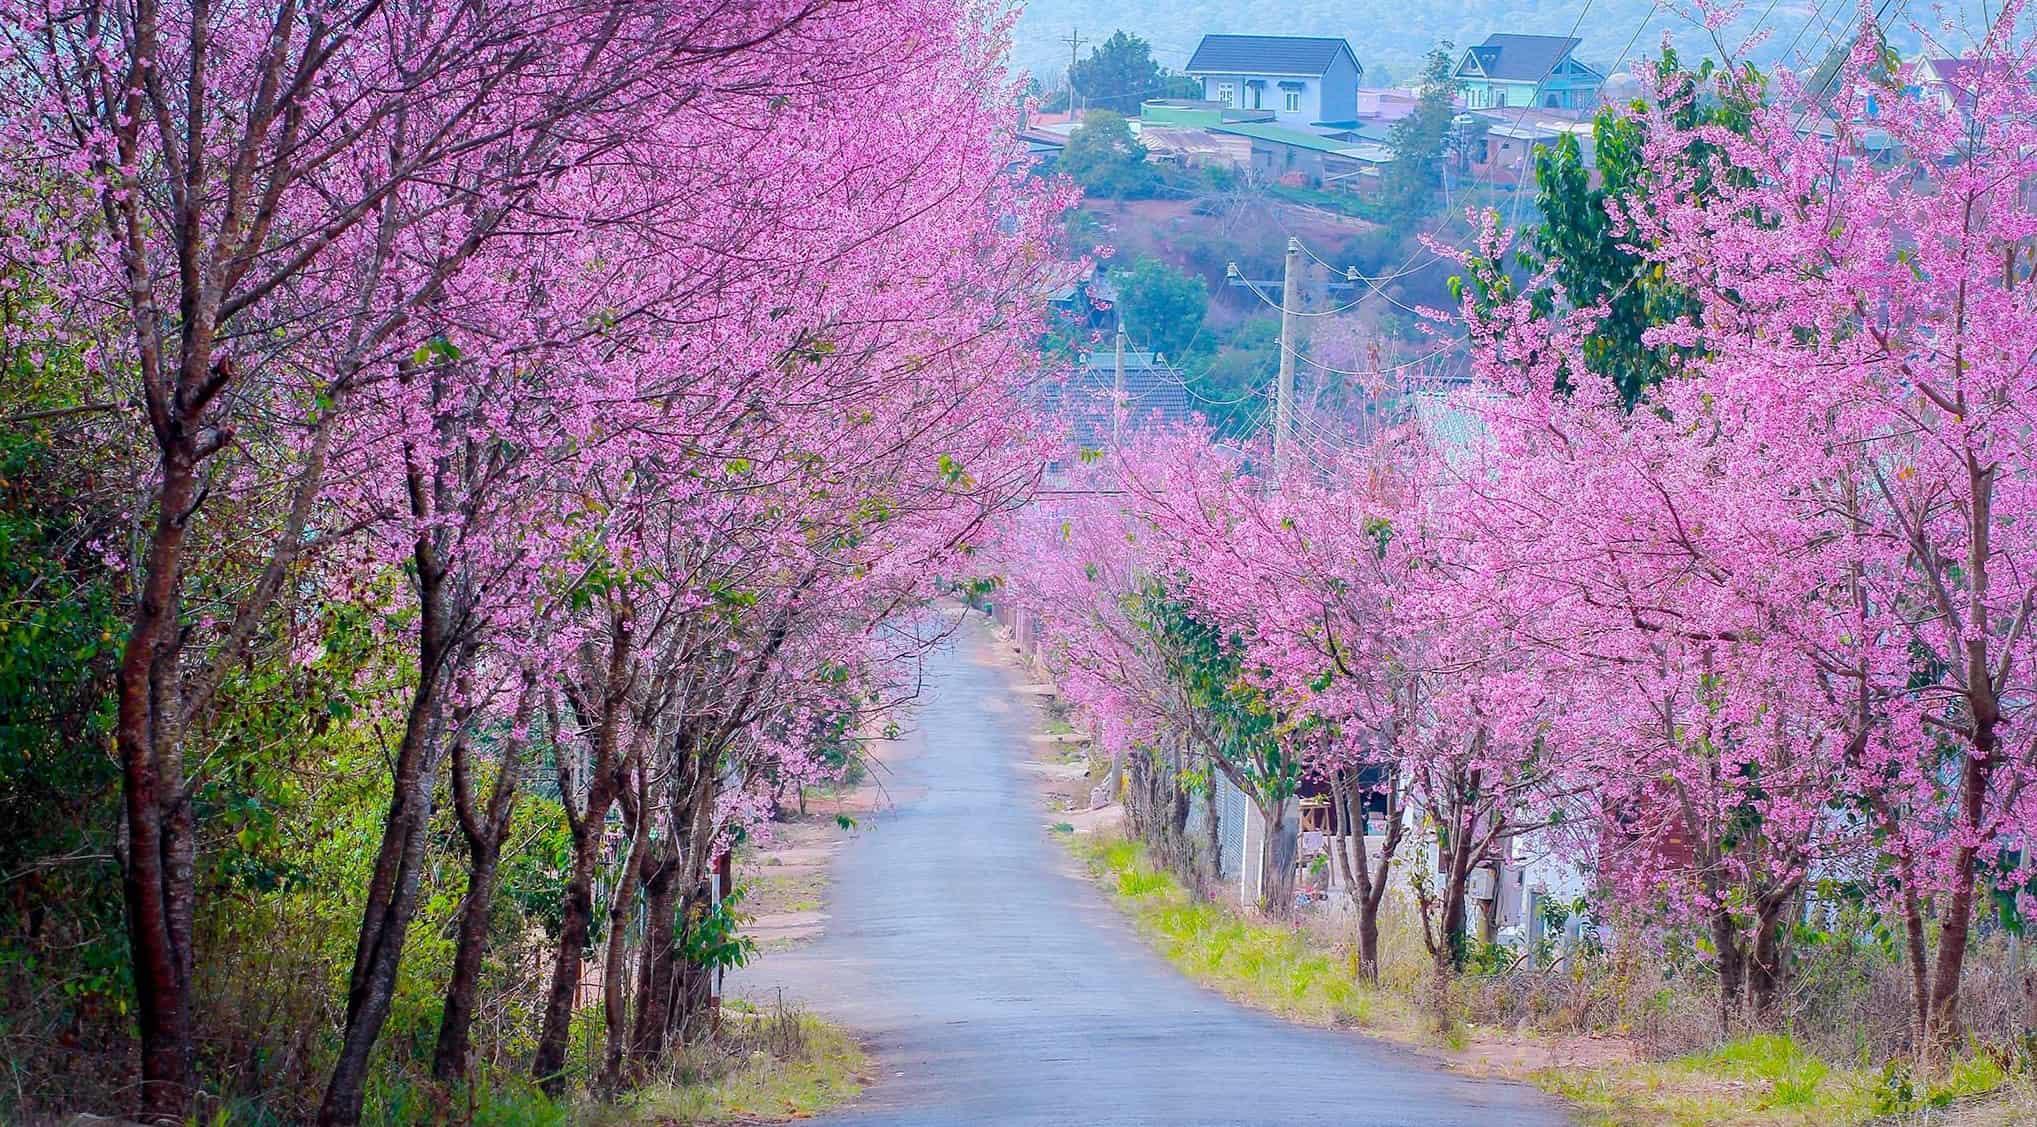 Đi đâu ở Đà Lạt vào mùa xuân?